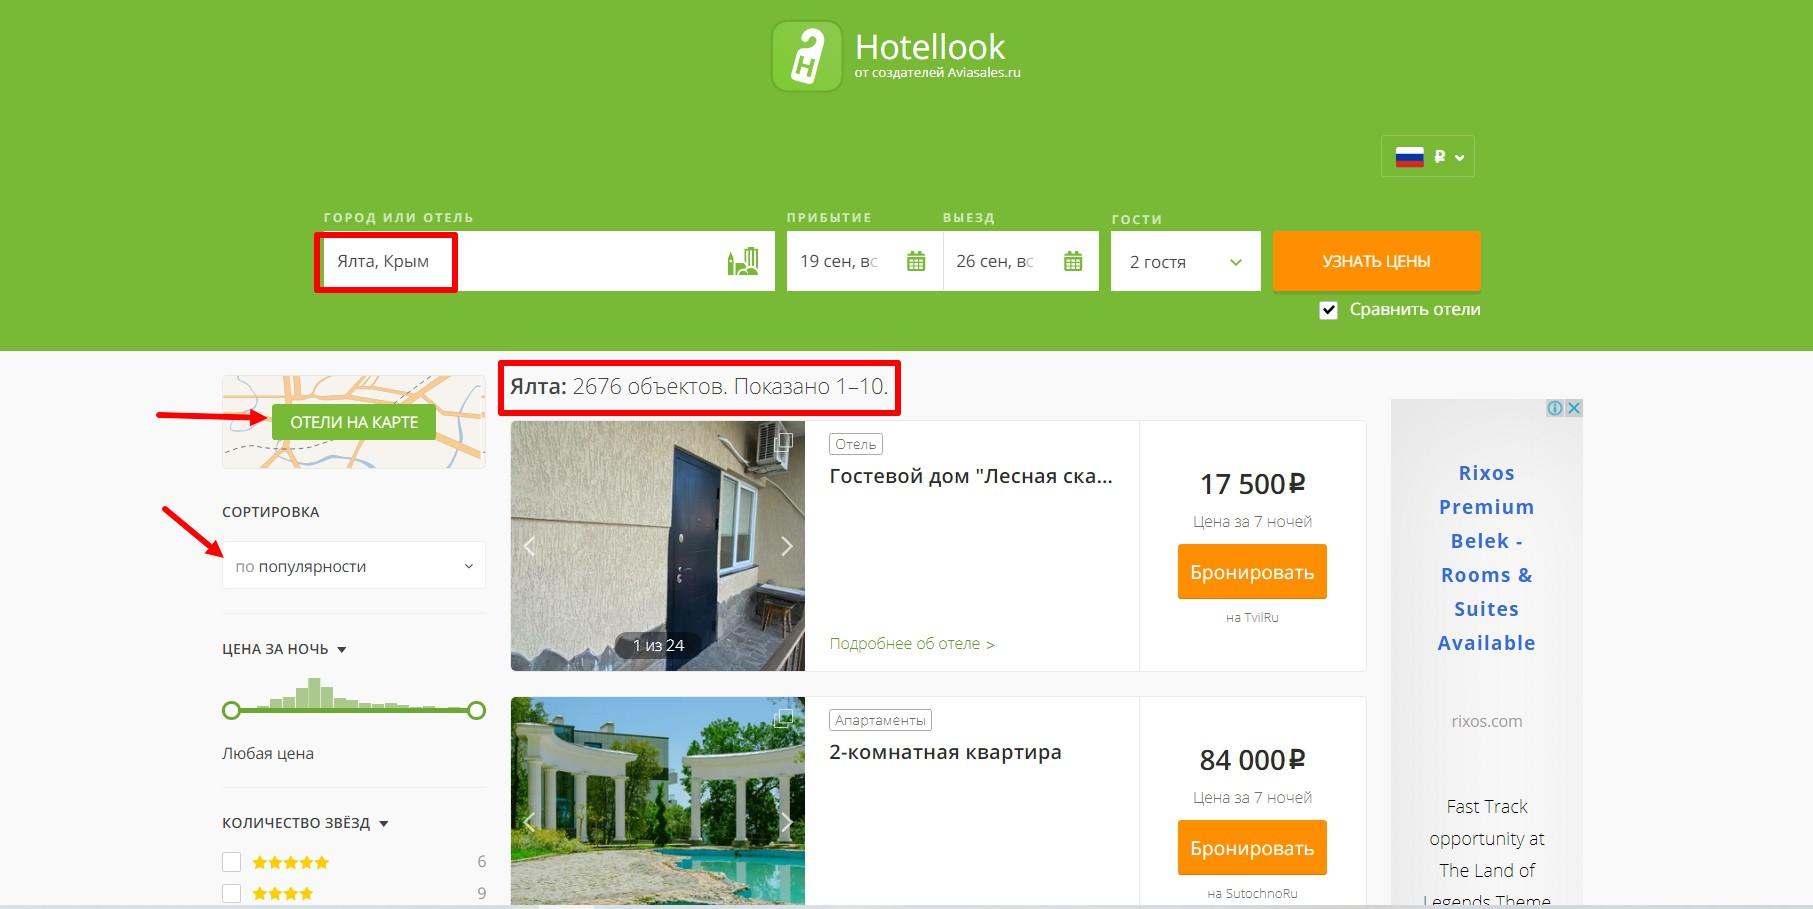 Результат поиска отелей в Ялте